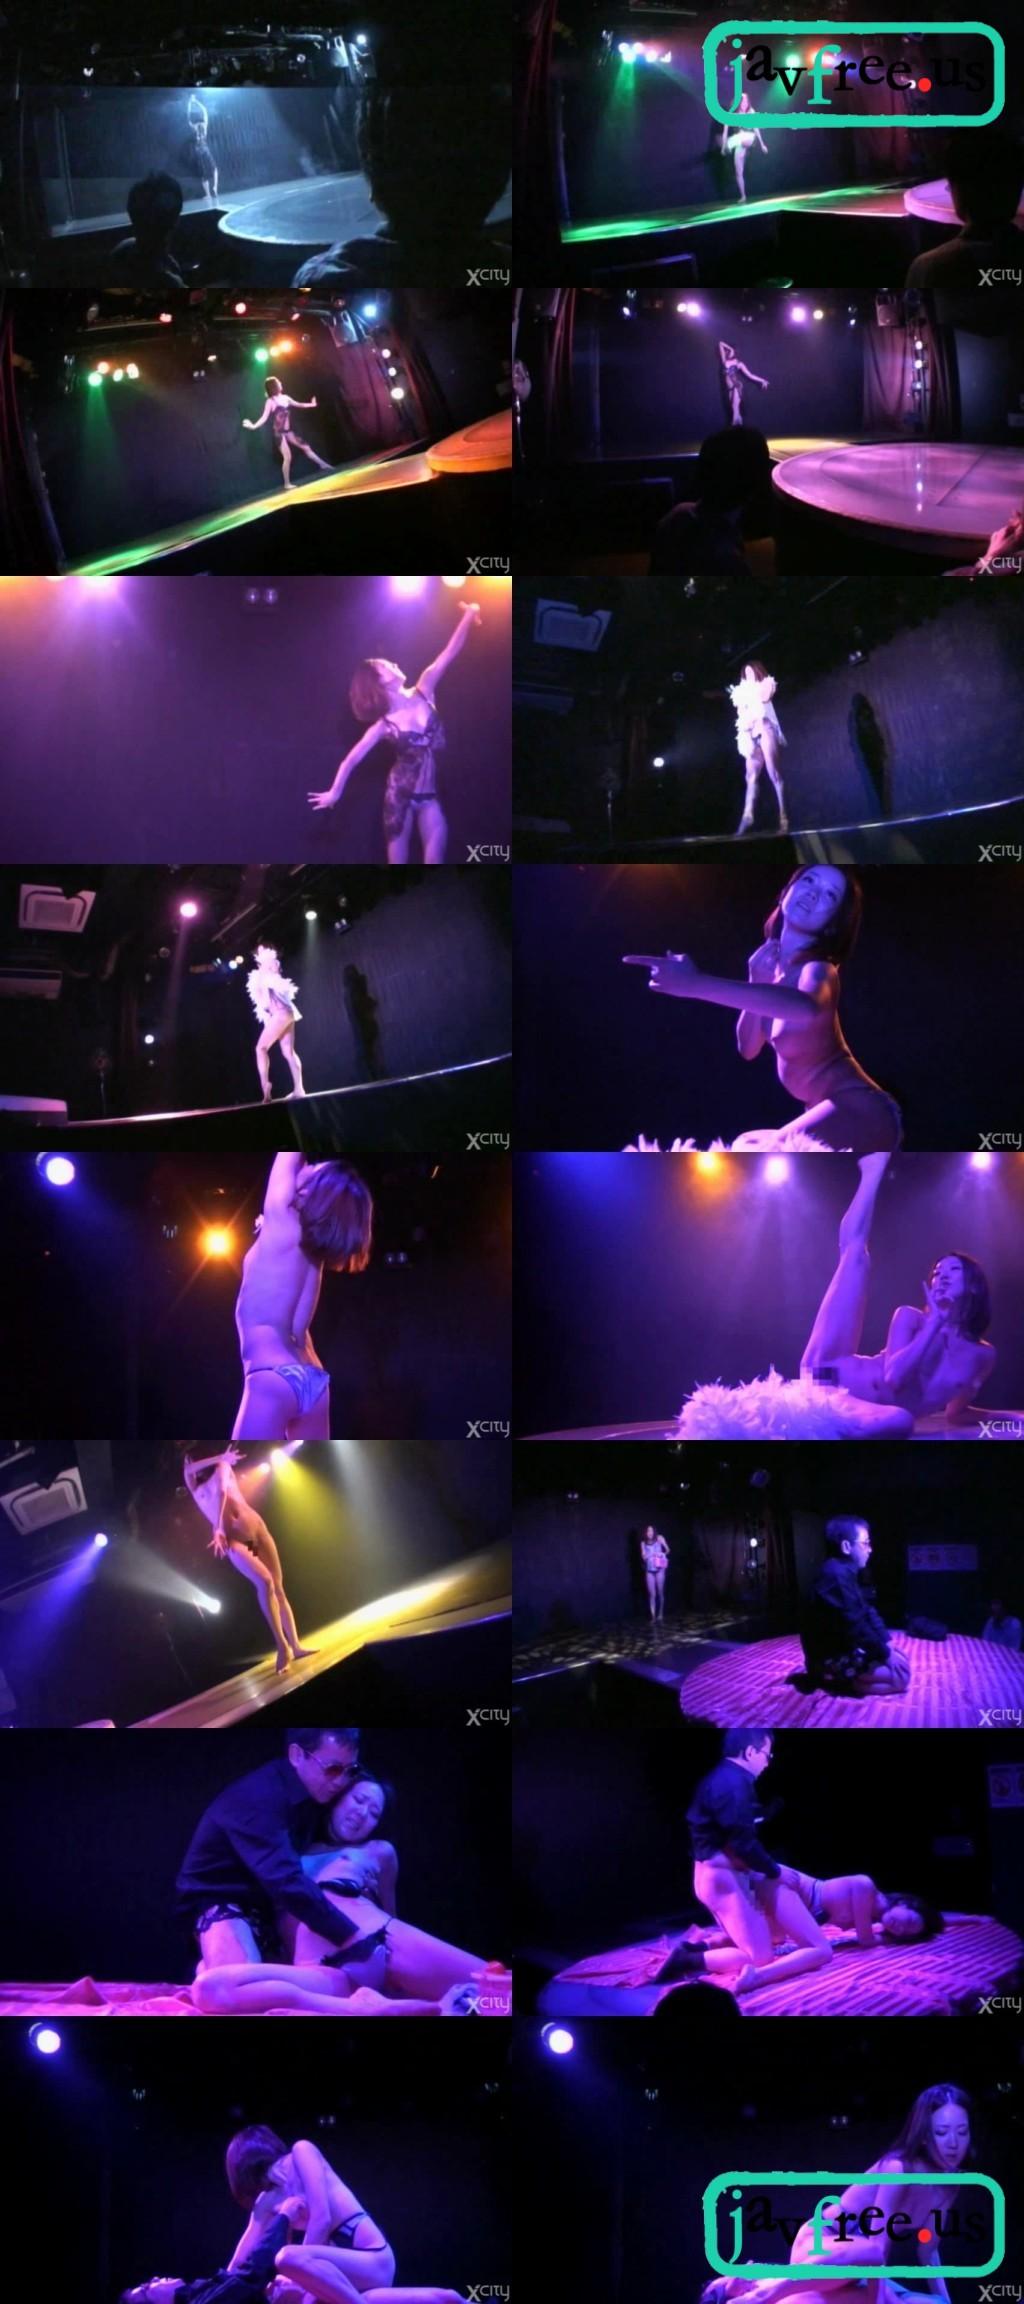 [HTR-016] ストリップ劇場番外編 潜入!!レズビアンショー 女同士で巨大ディルドゥを挿入!! - image ht-016a on https://javfree.me